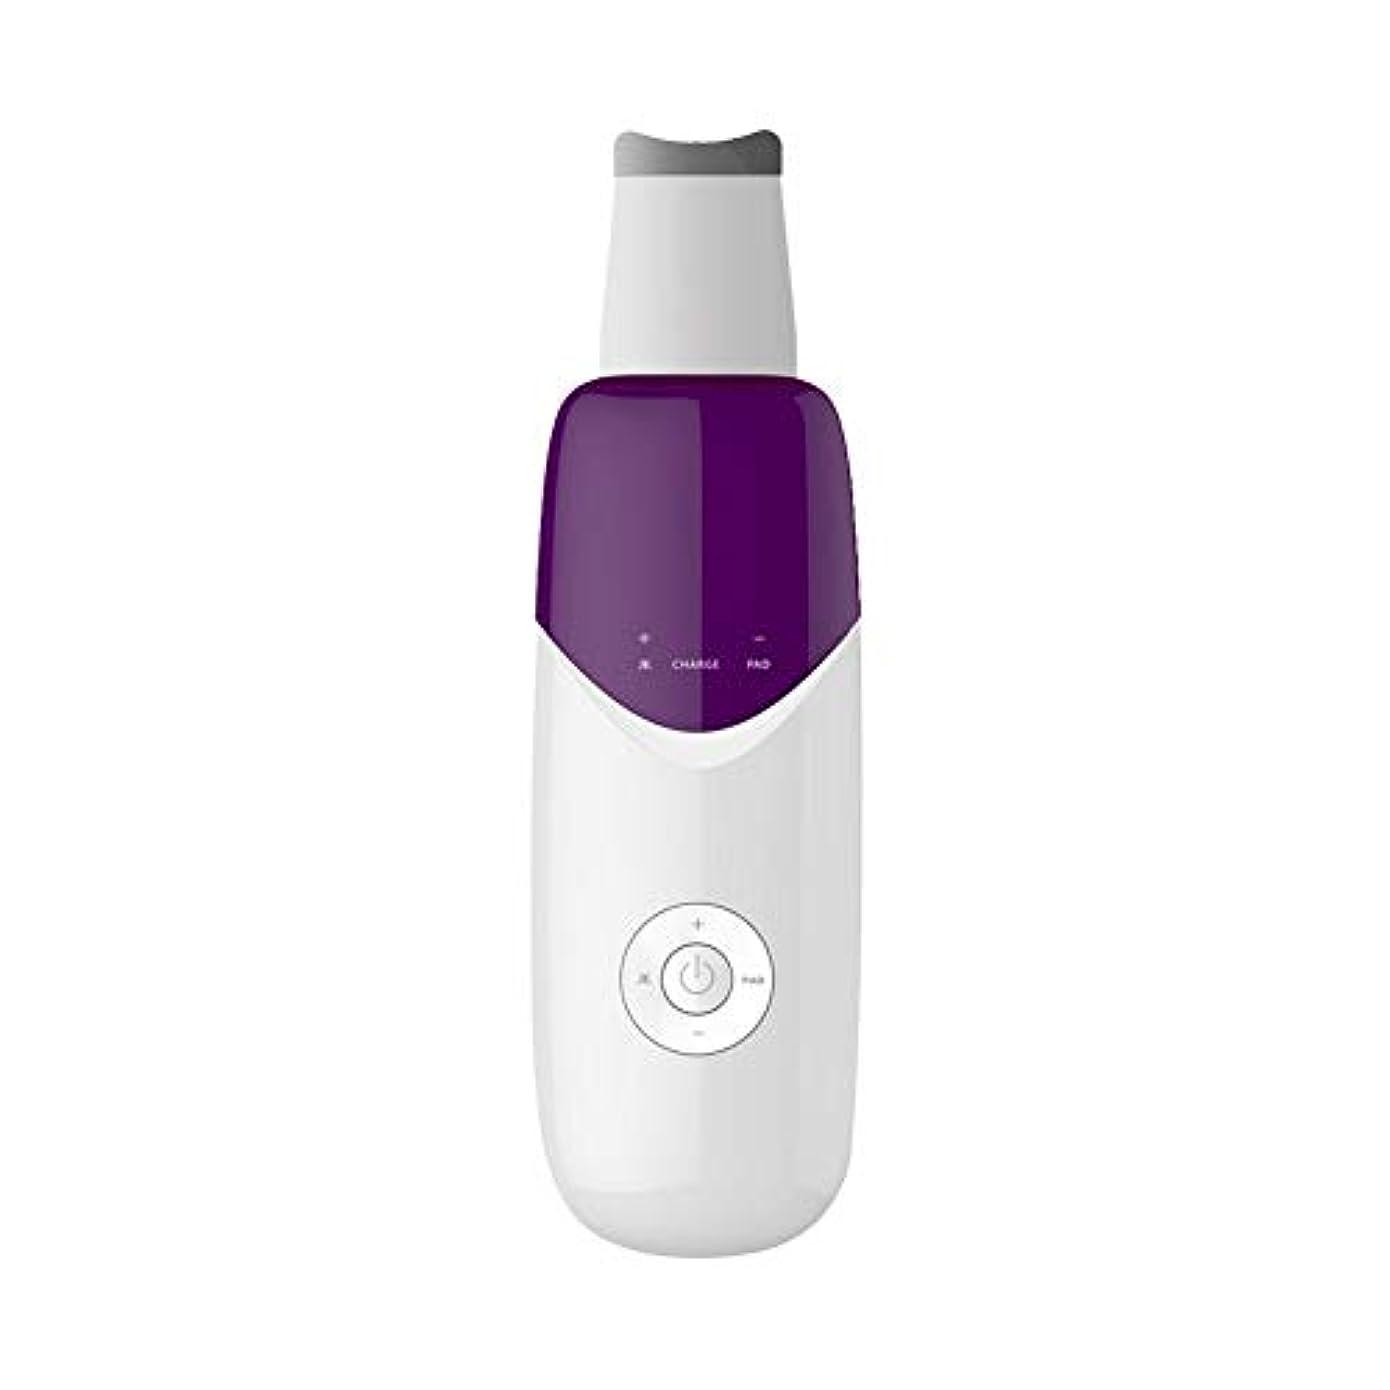 盗難仕様香りCoinar お肌を洗うにび落とし USB超音波クレンジング 洗顔 洗顔 洗顔 角質除去 洗顔